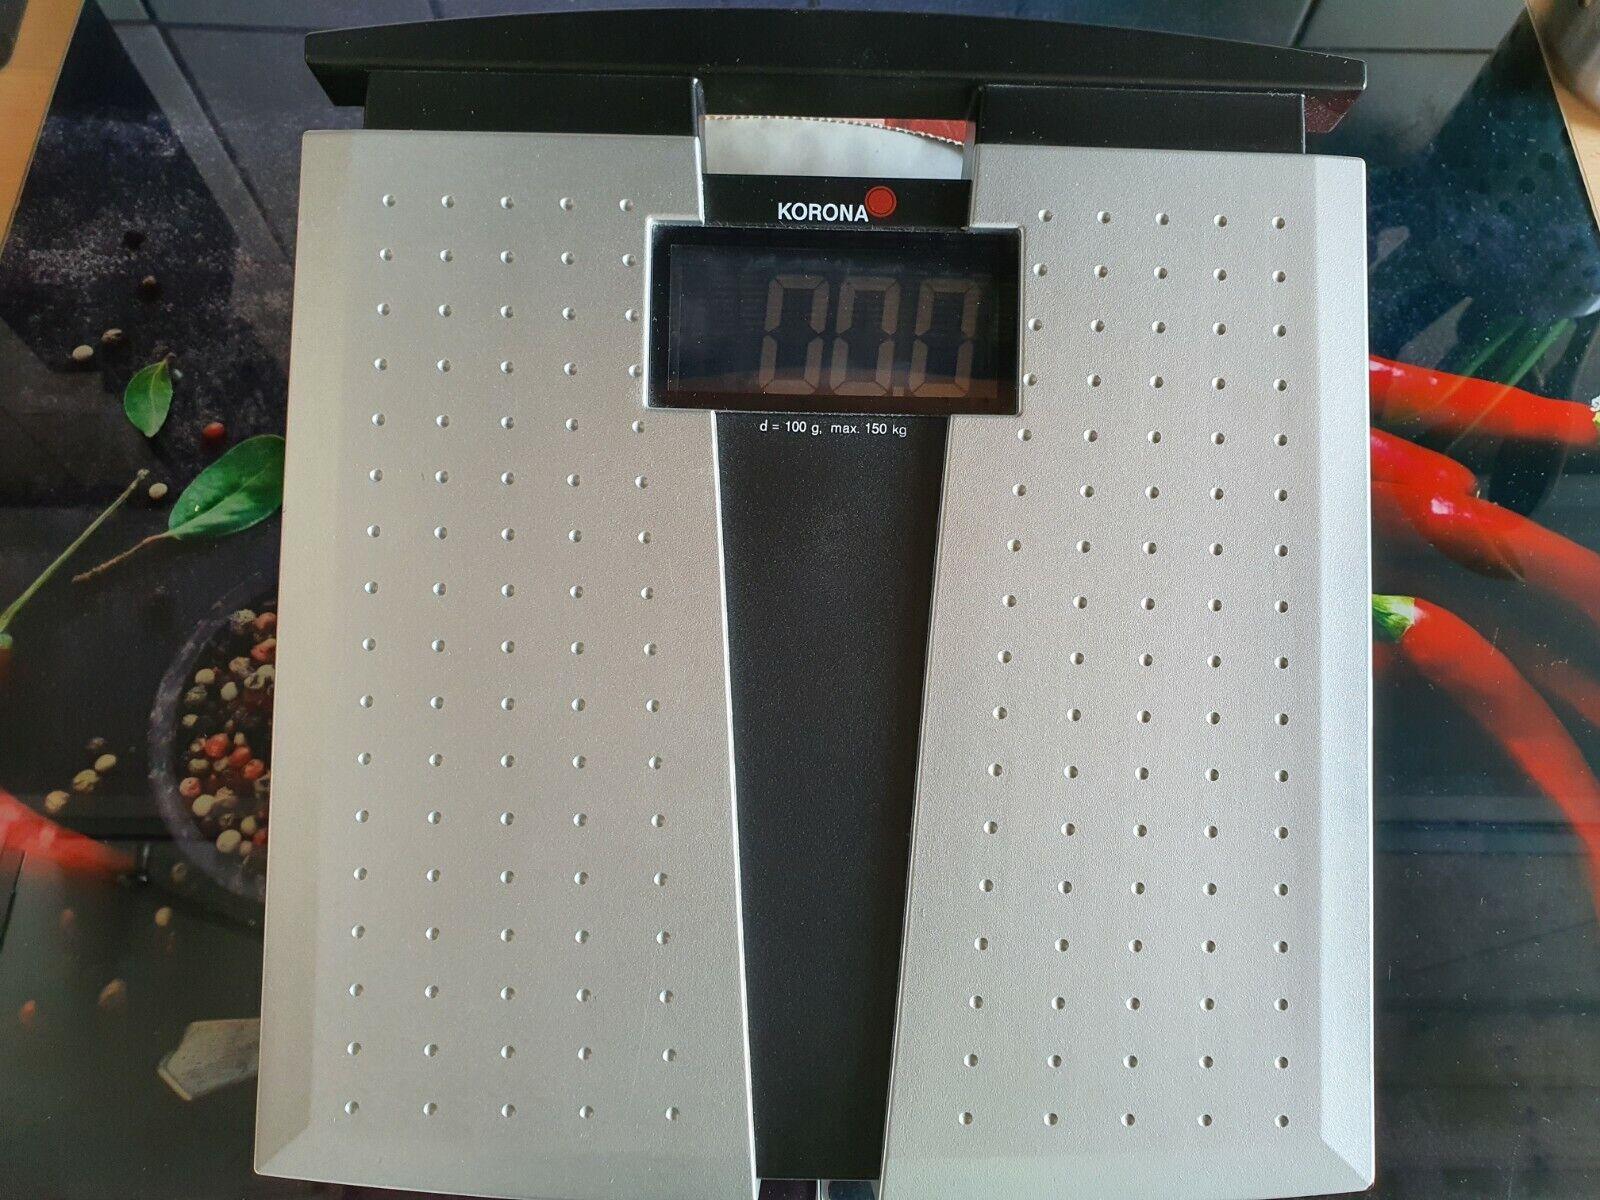 Korona Digitale Personenwaage Silber Janka 1013050, Black LCD-Display, 150kg